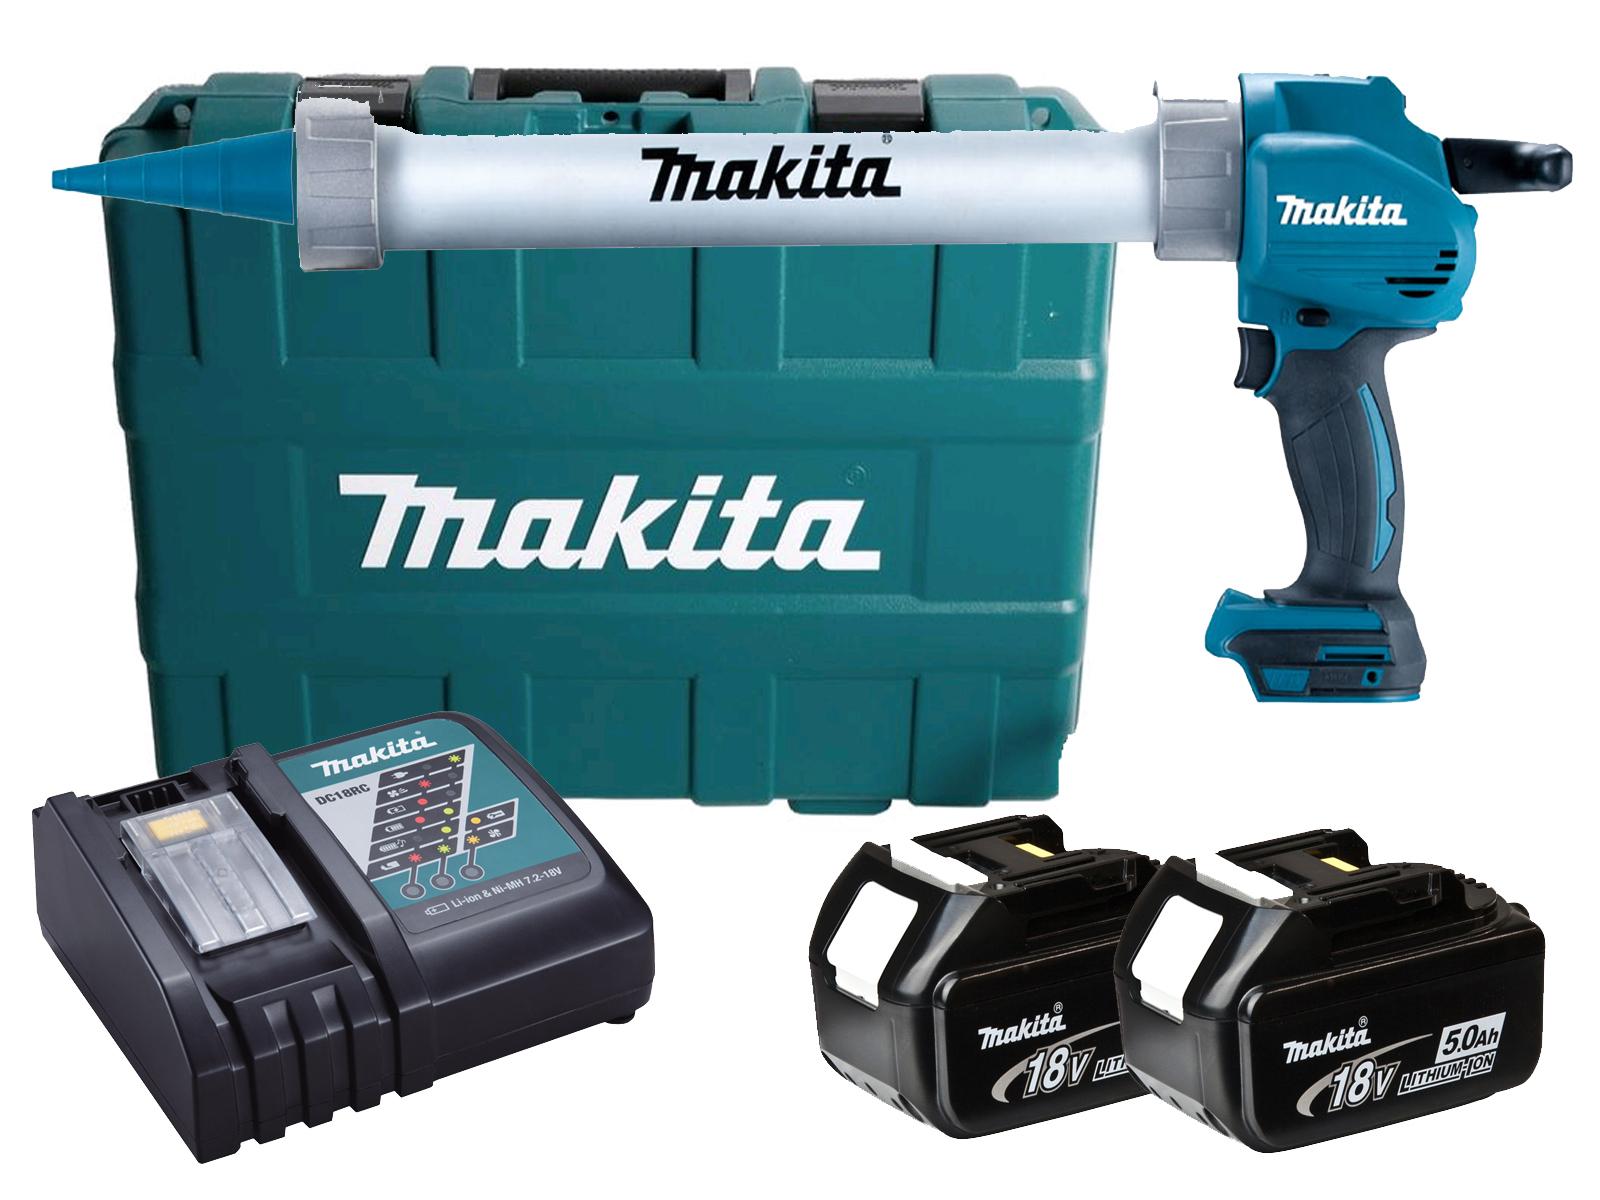 Makita 18V 600ml Aluminium Caulking Gun & Case - DCG180 - 5.0Ah Pack